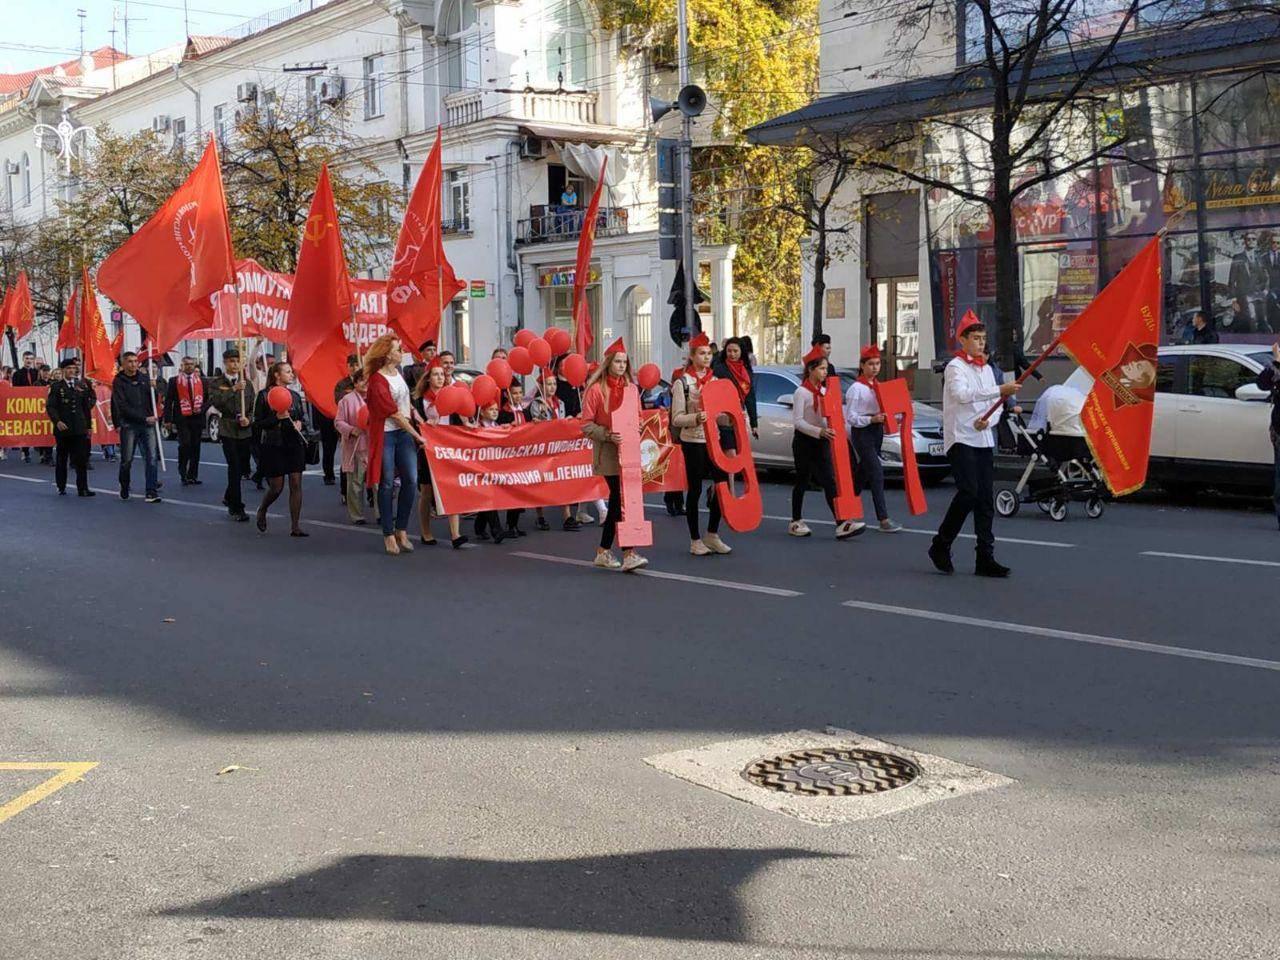 Севастополь. 7 ноября 2019 г. Праздничное шествие в честь 102-й годовщины Великой Октябрьской социалистической революции